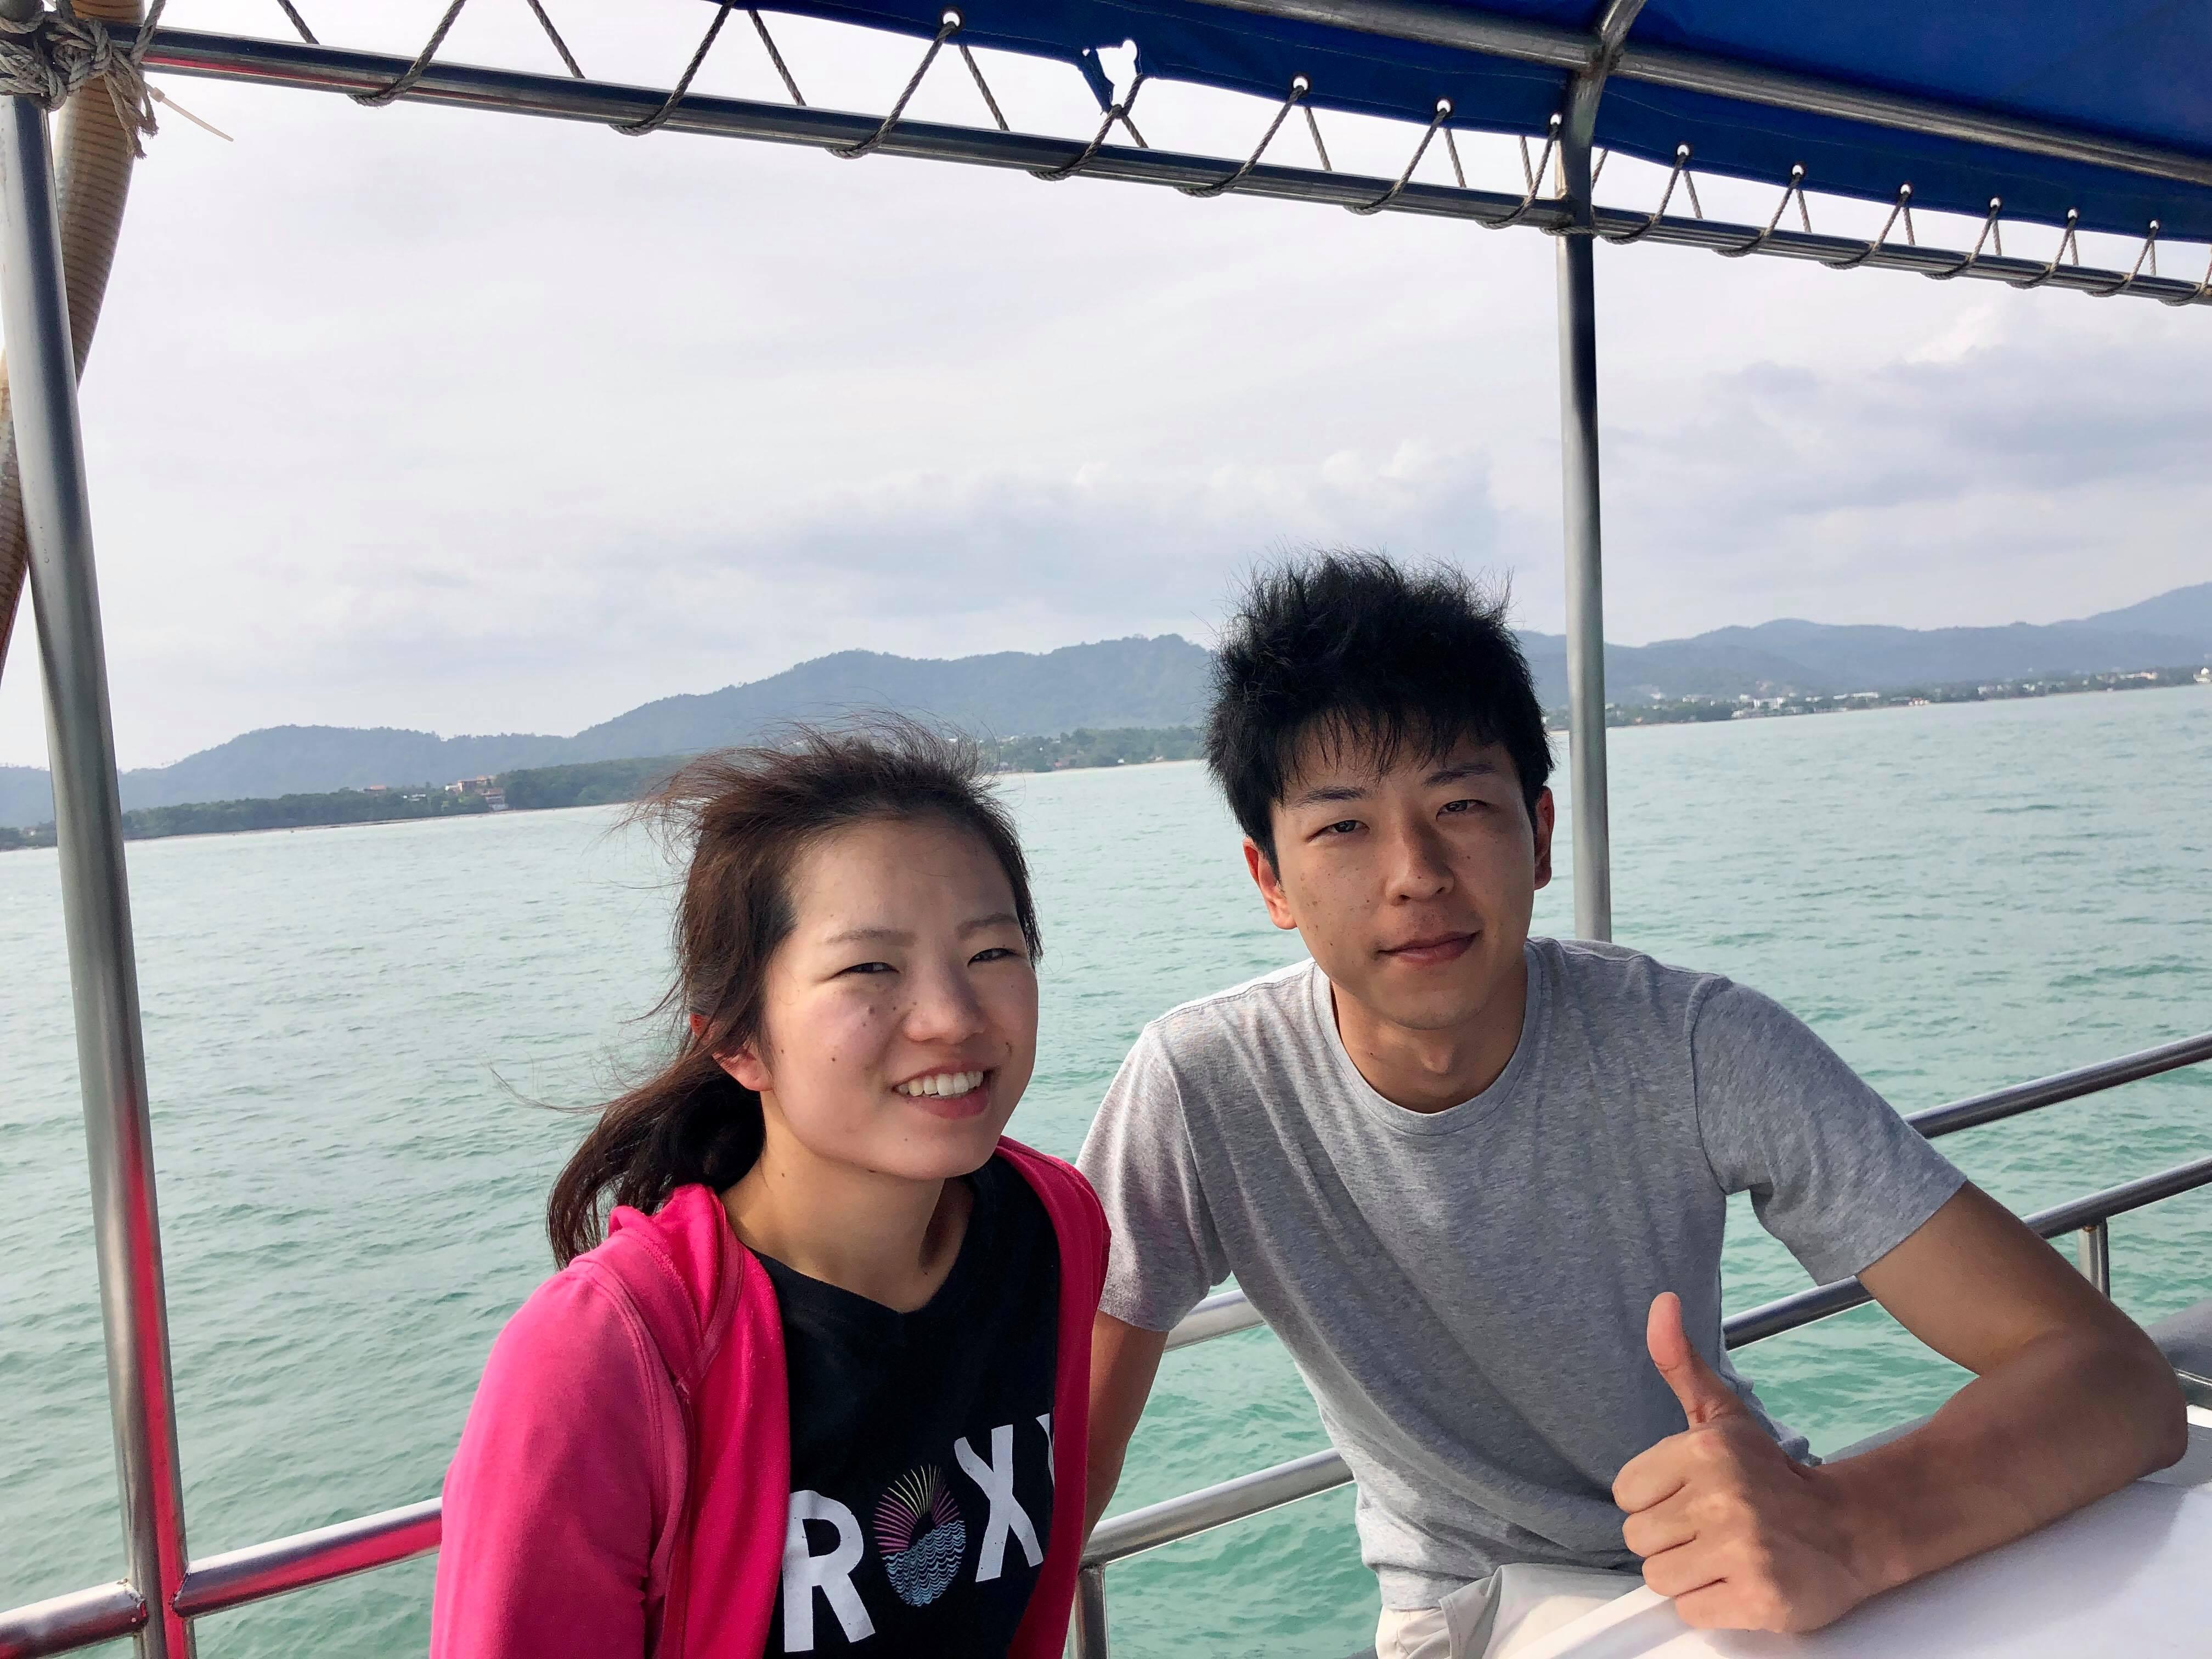 2019年1月22日 ファンダイビング&体験ダイビング@ラチャヤイ島2ダイブ